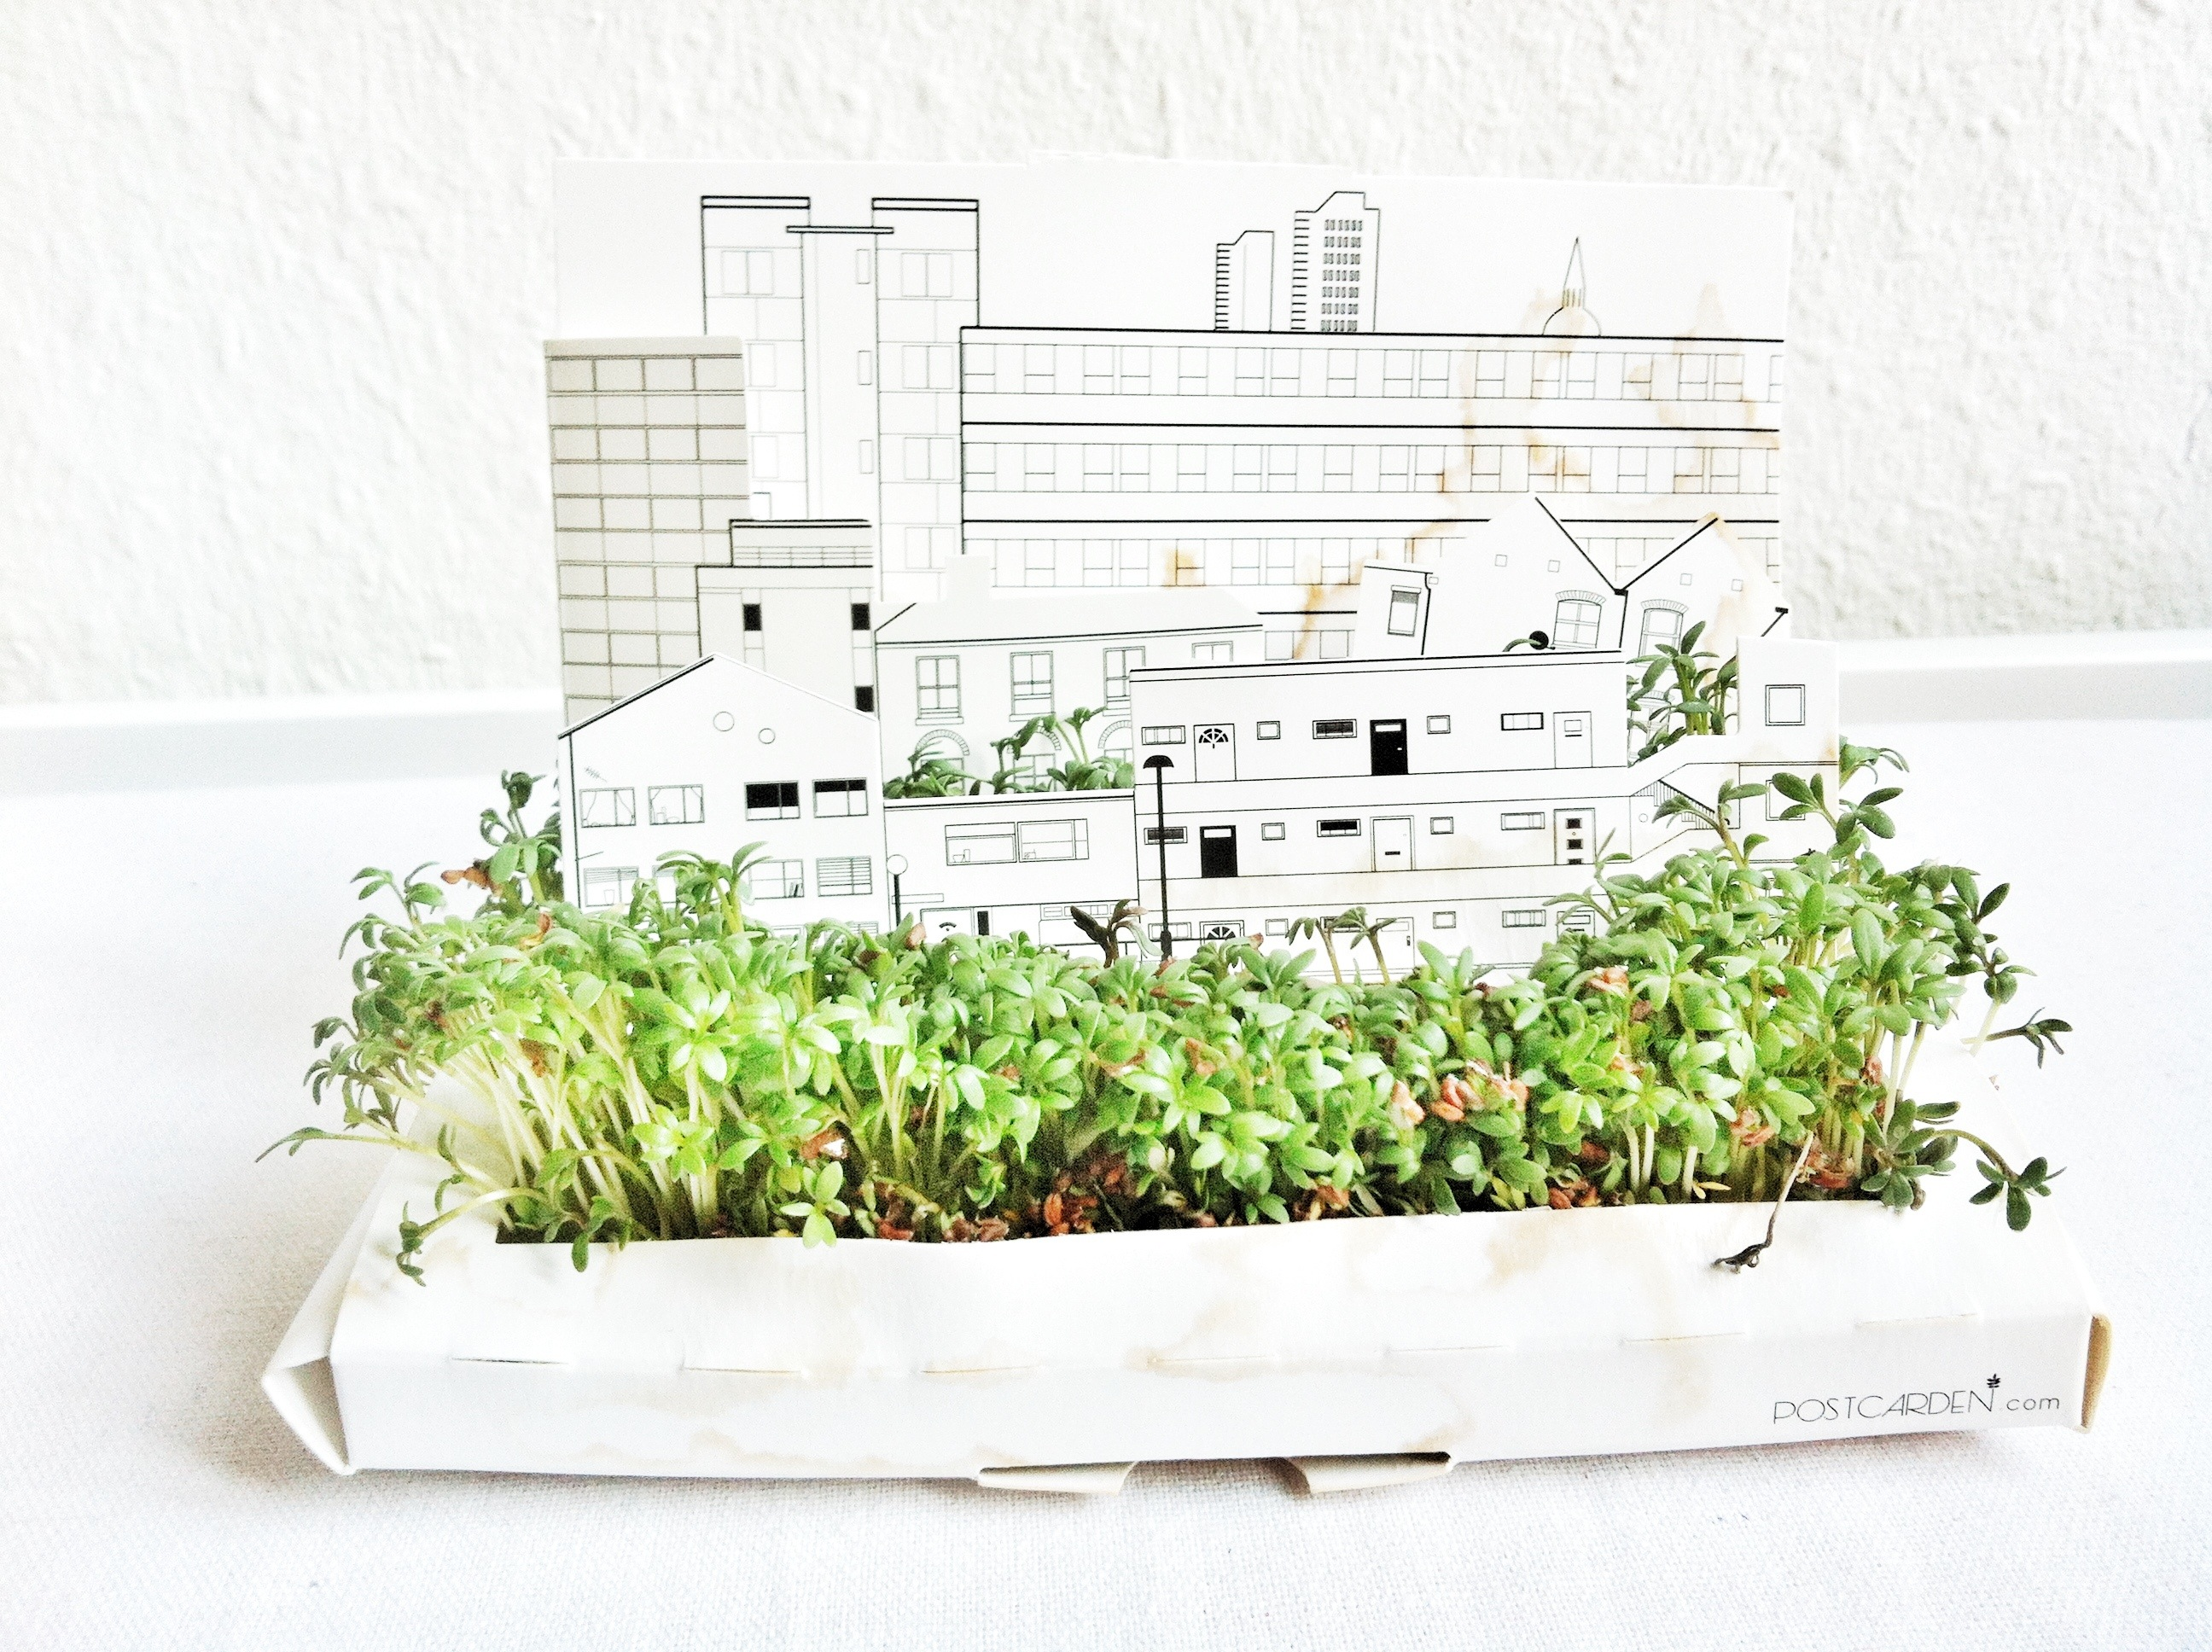 Projekt Stadtgarten.